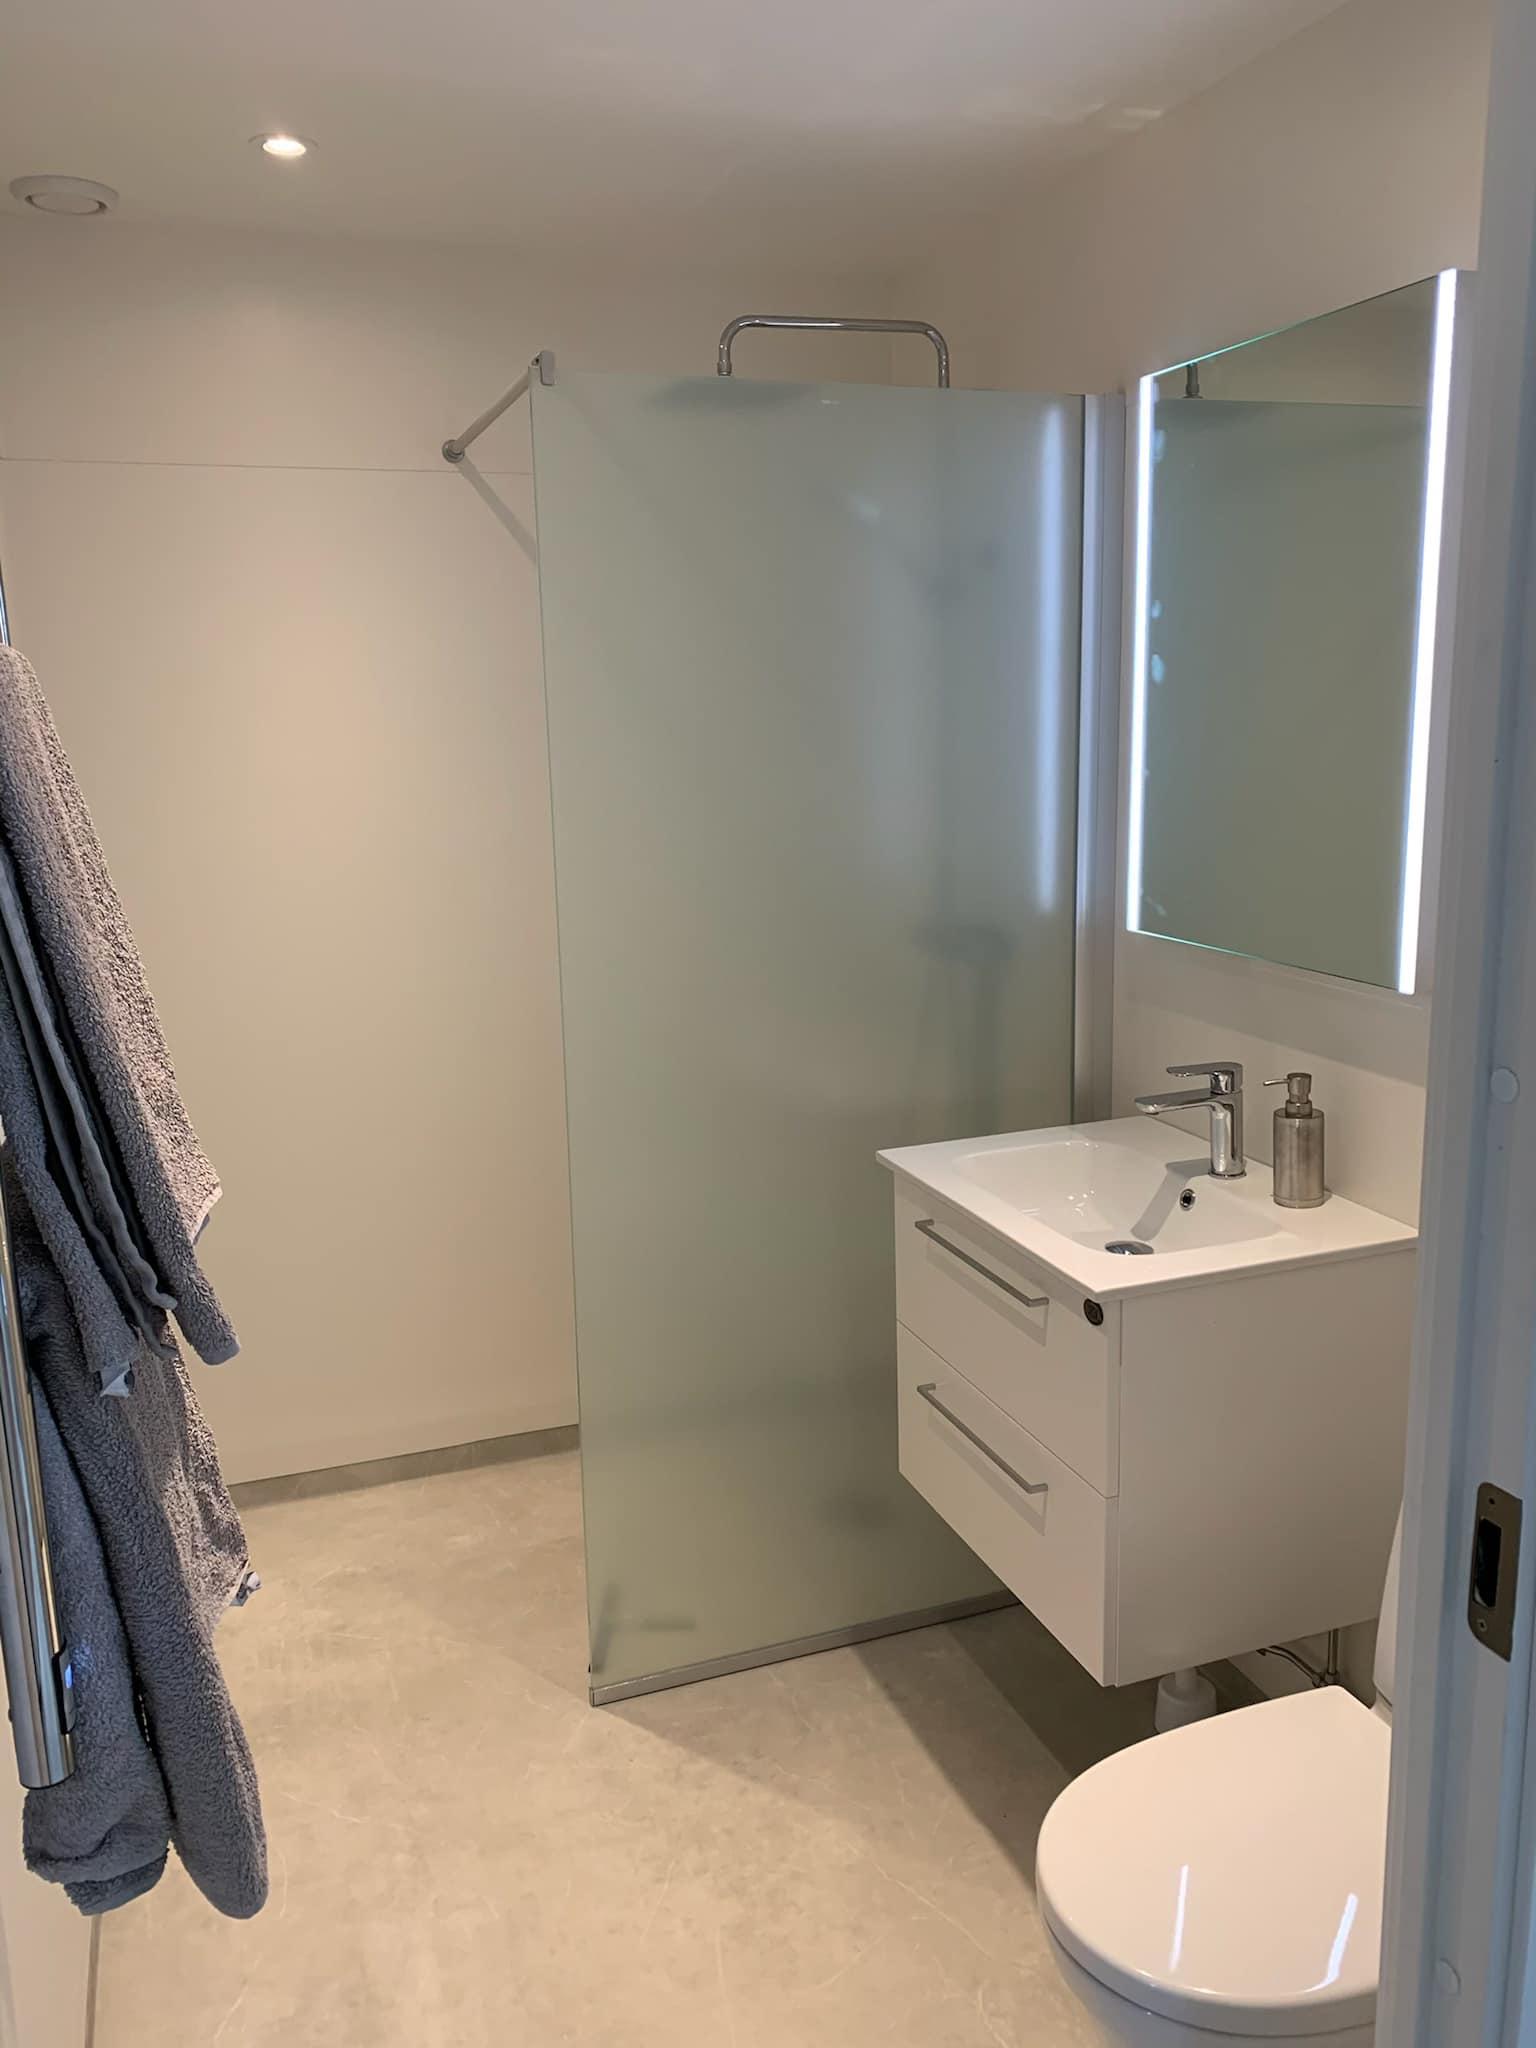 Stilrent duschrum i Sala - Badrumsrenovering 2021.